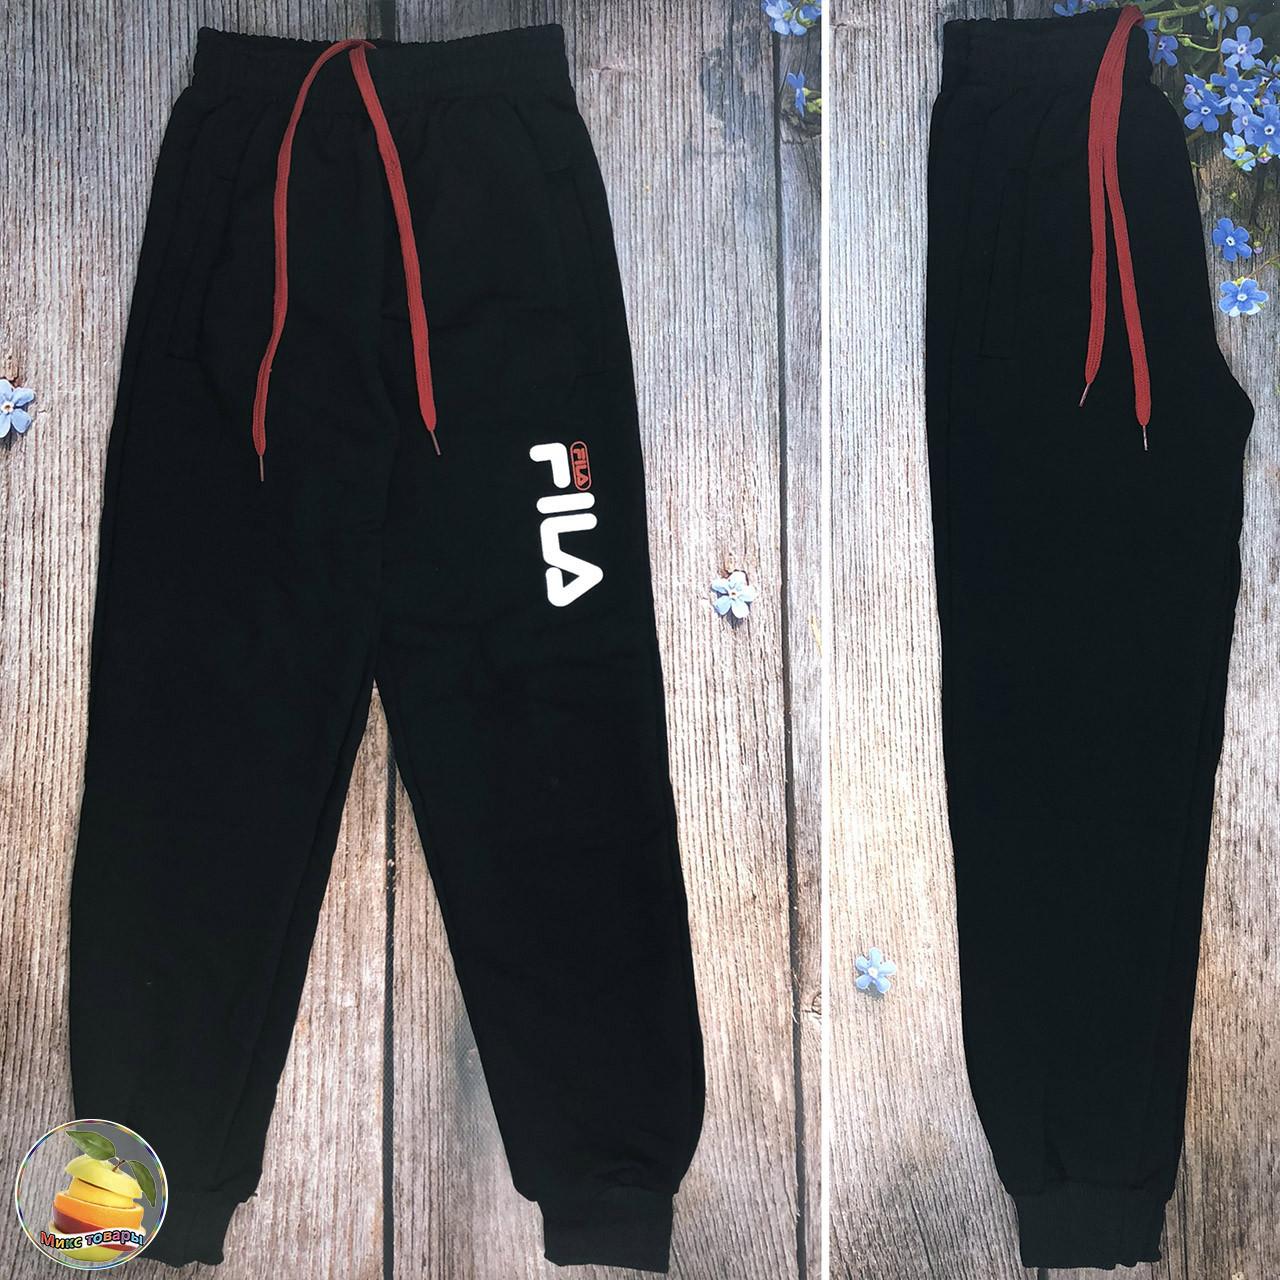 Тёмно синие спортивные штаны для подростка Размеры: 8,9,10,11,12 лет (20383-1)